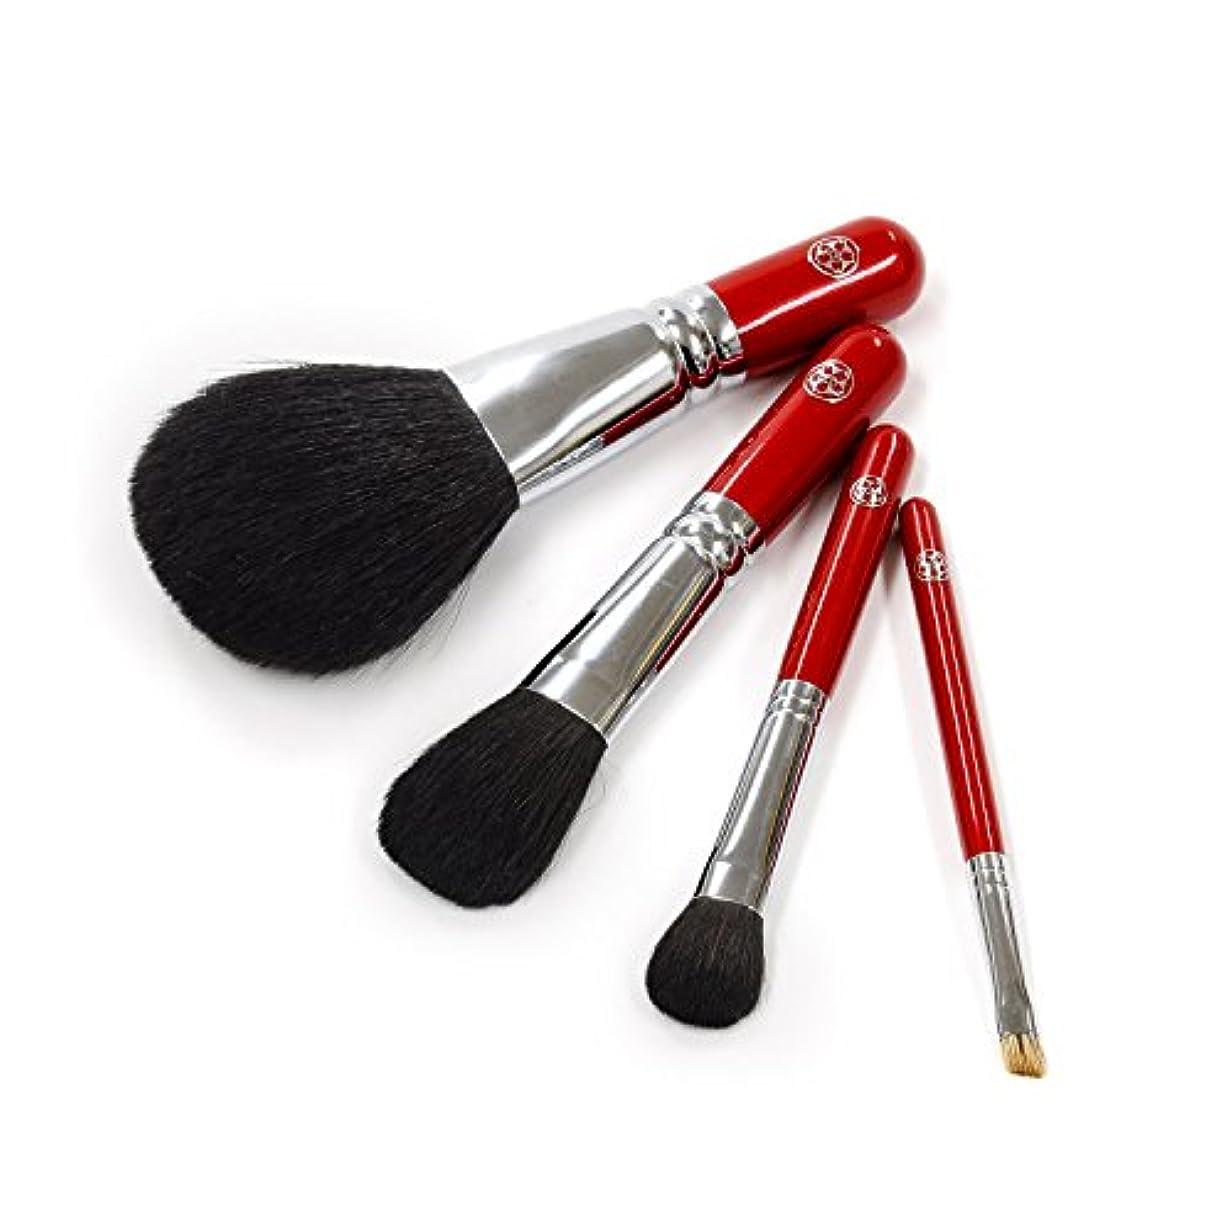 スラムロッカー壁紙ARRS-S4aさくら筆 お顔の印象がグッと華やかに! 贅沢な化粧筆 4本セット パウダー チーク アイシャドー アイブロー 六角館さくら堂 ロゴ入り 女性の手になじみやすい赤軸ショートタイプ 熊野筆